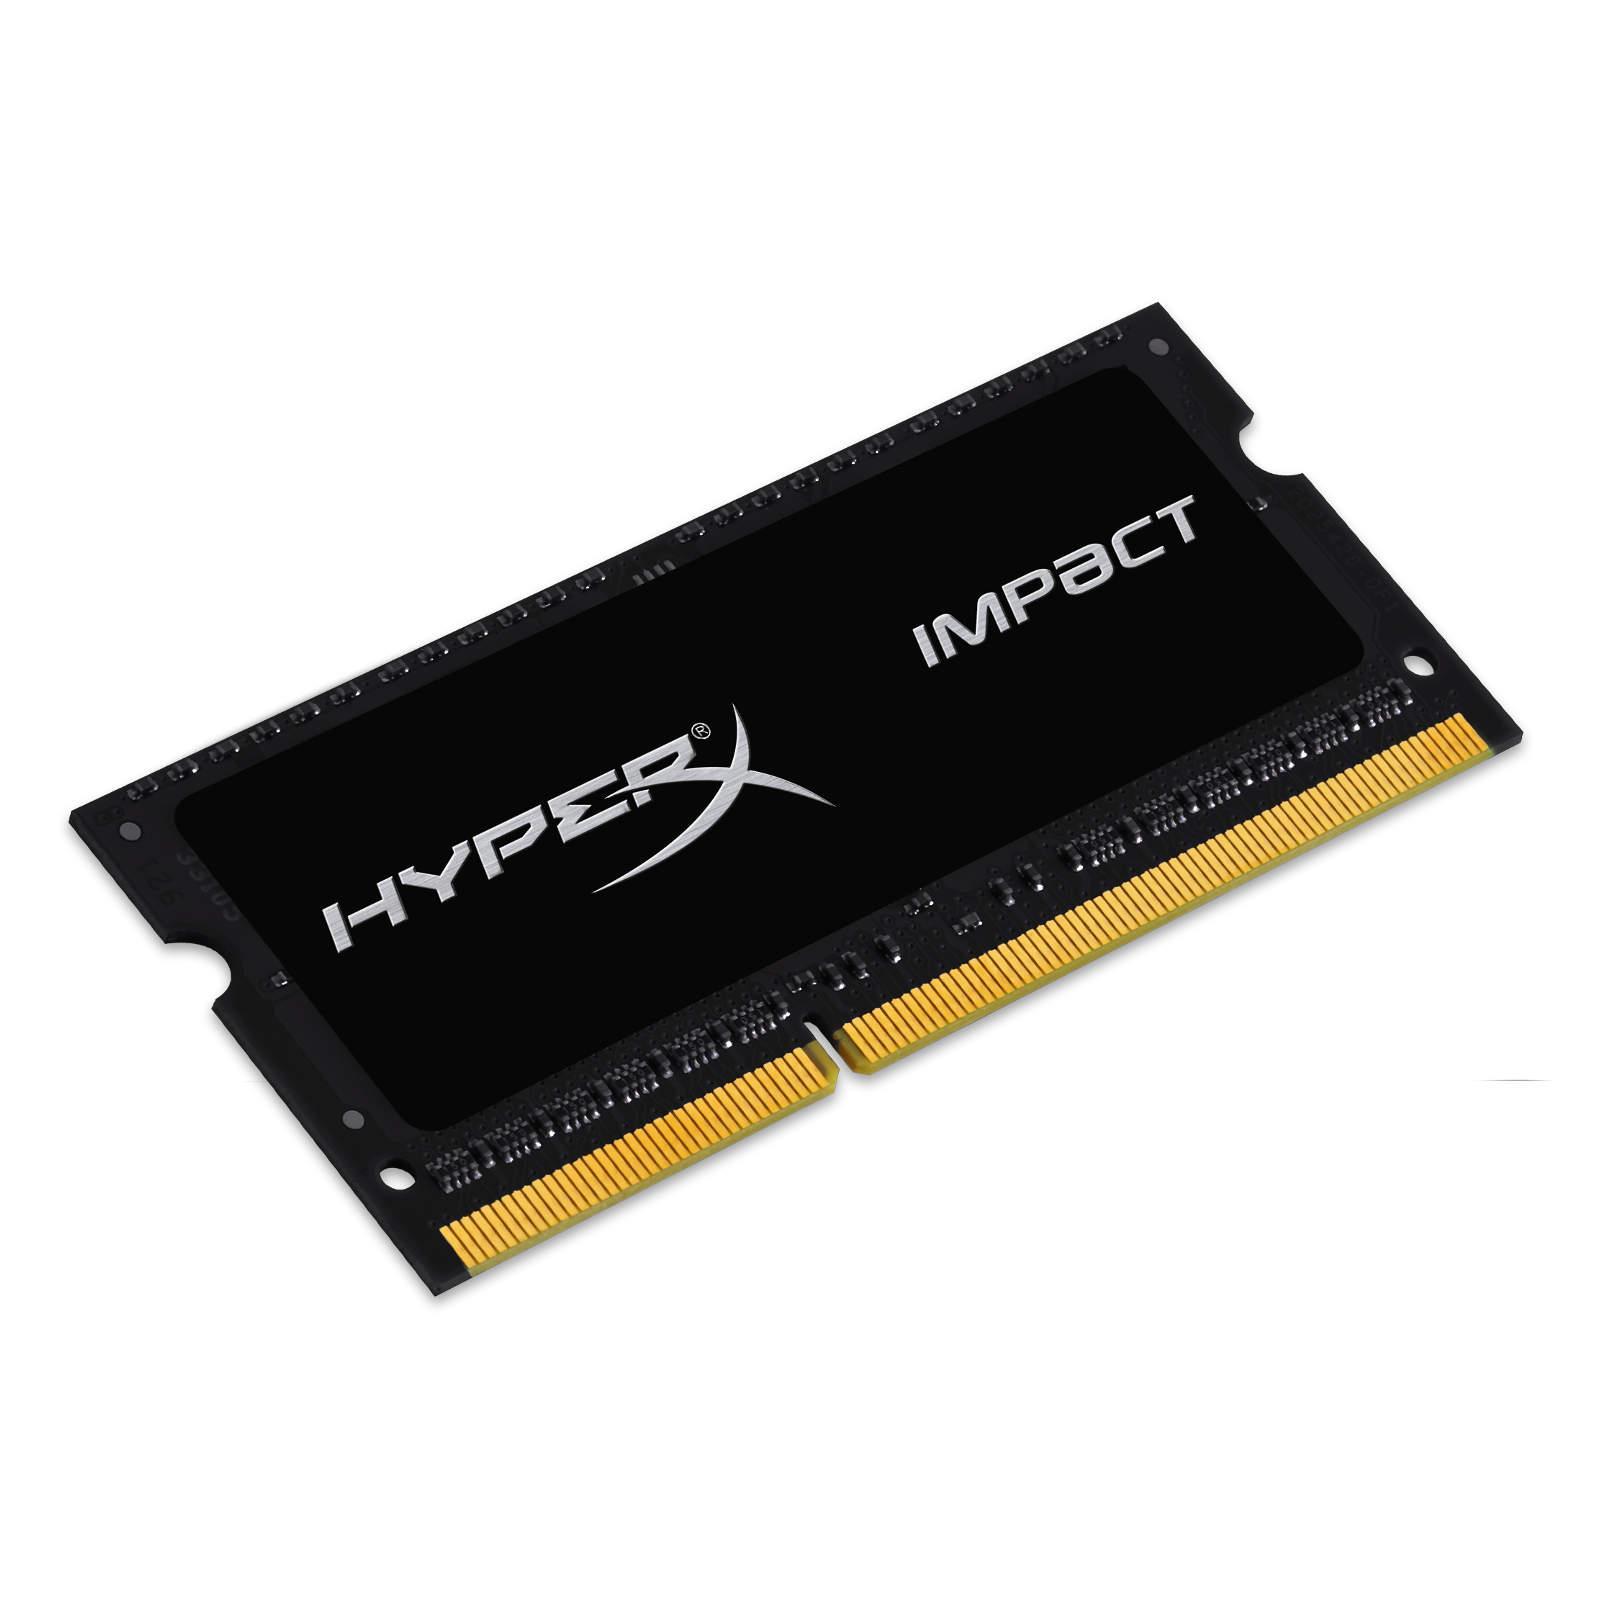 Модуль памяти для ноутбука SoDIMM DDR3L 4GB 2133 MHz HyperX (Kingston Fury) (HX321LS11IB2/4) изображение 2